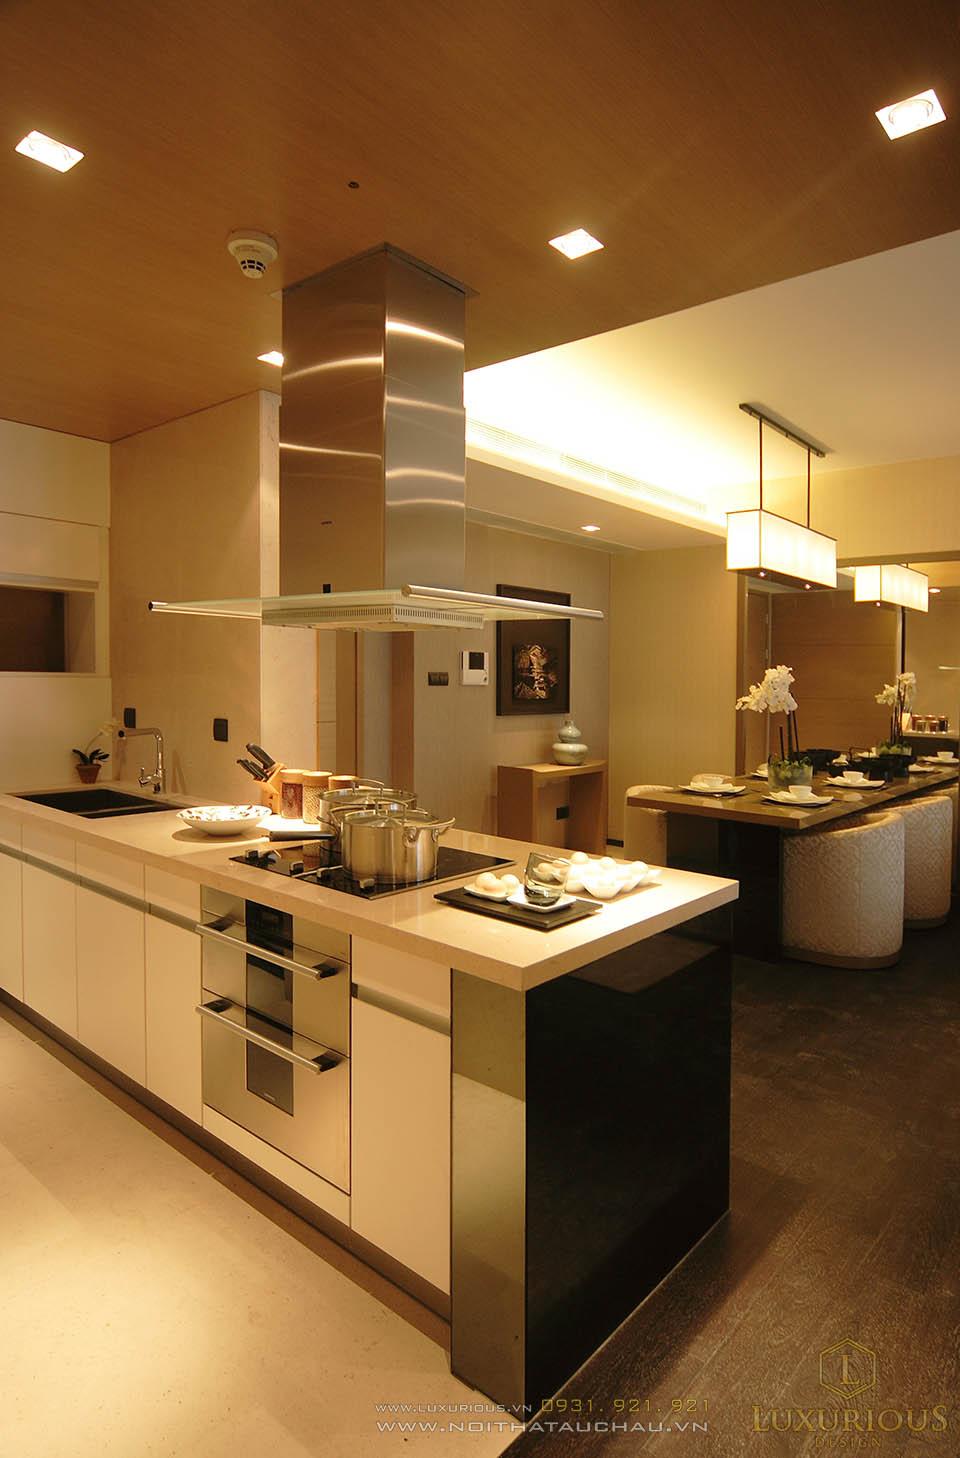 Phòng bếp chung cư cao cấp ấm cúng sang trọng